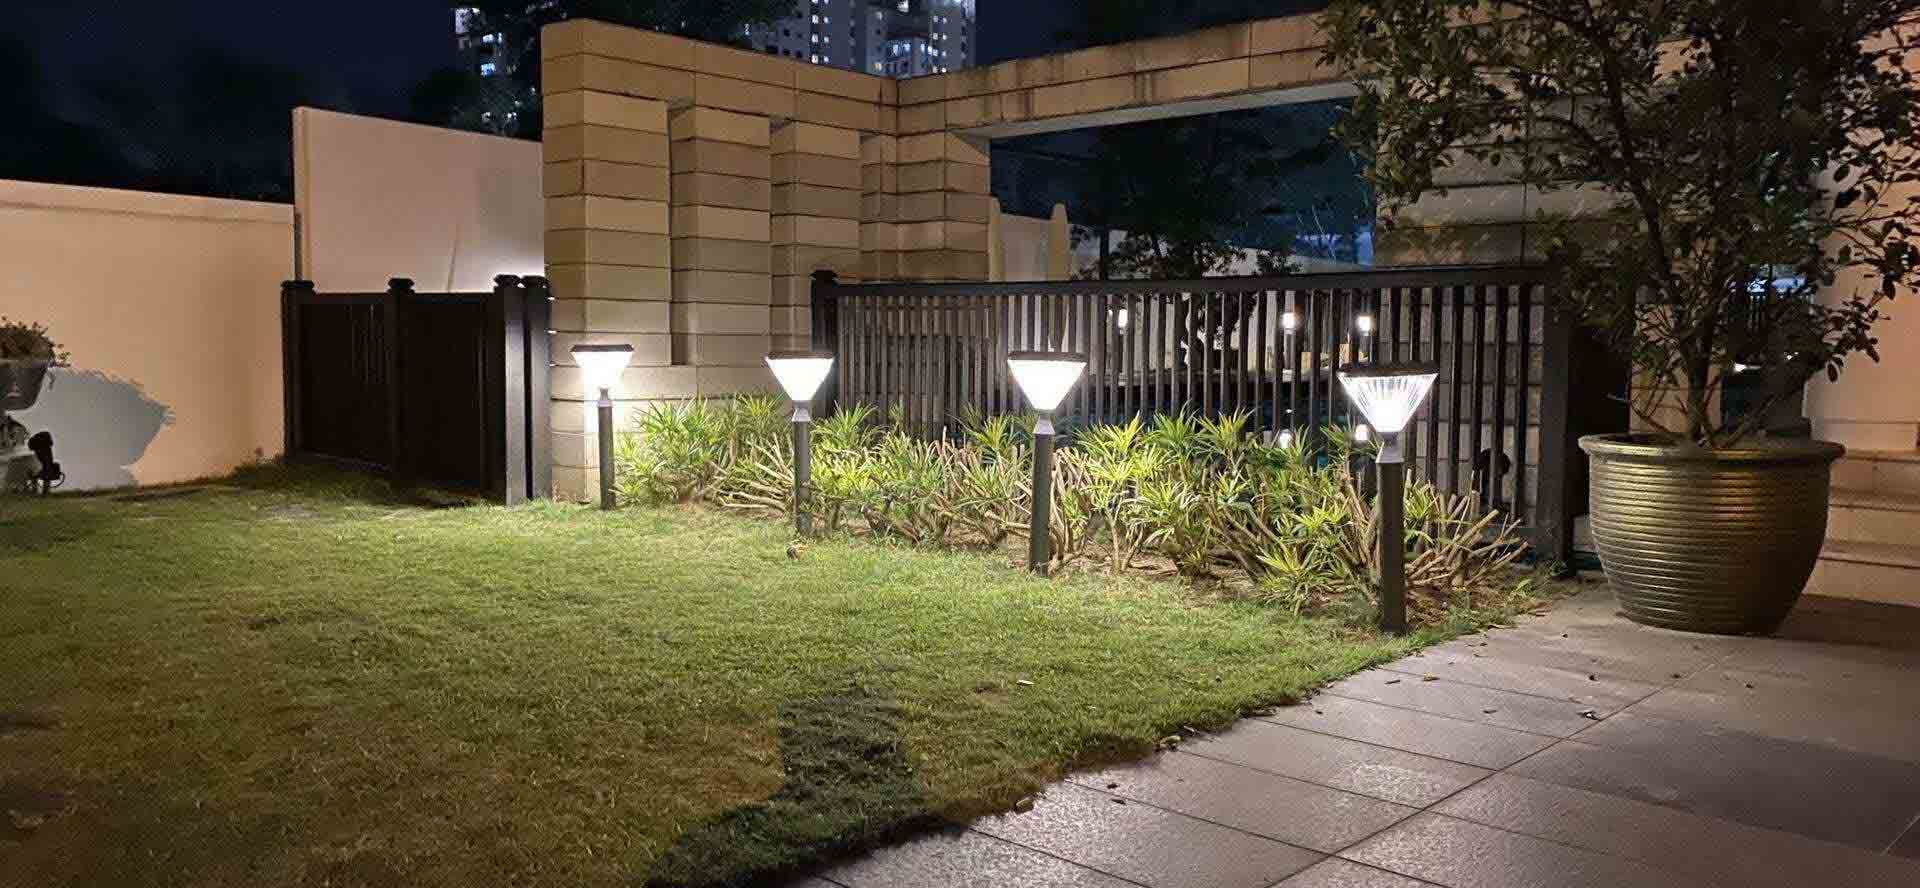 庭院灯的保护措施有哪些?雄妙墨菲告诉你